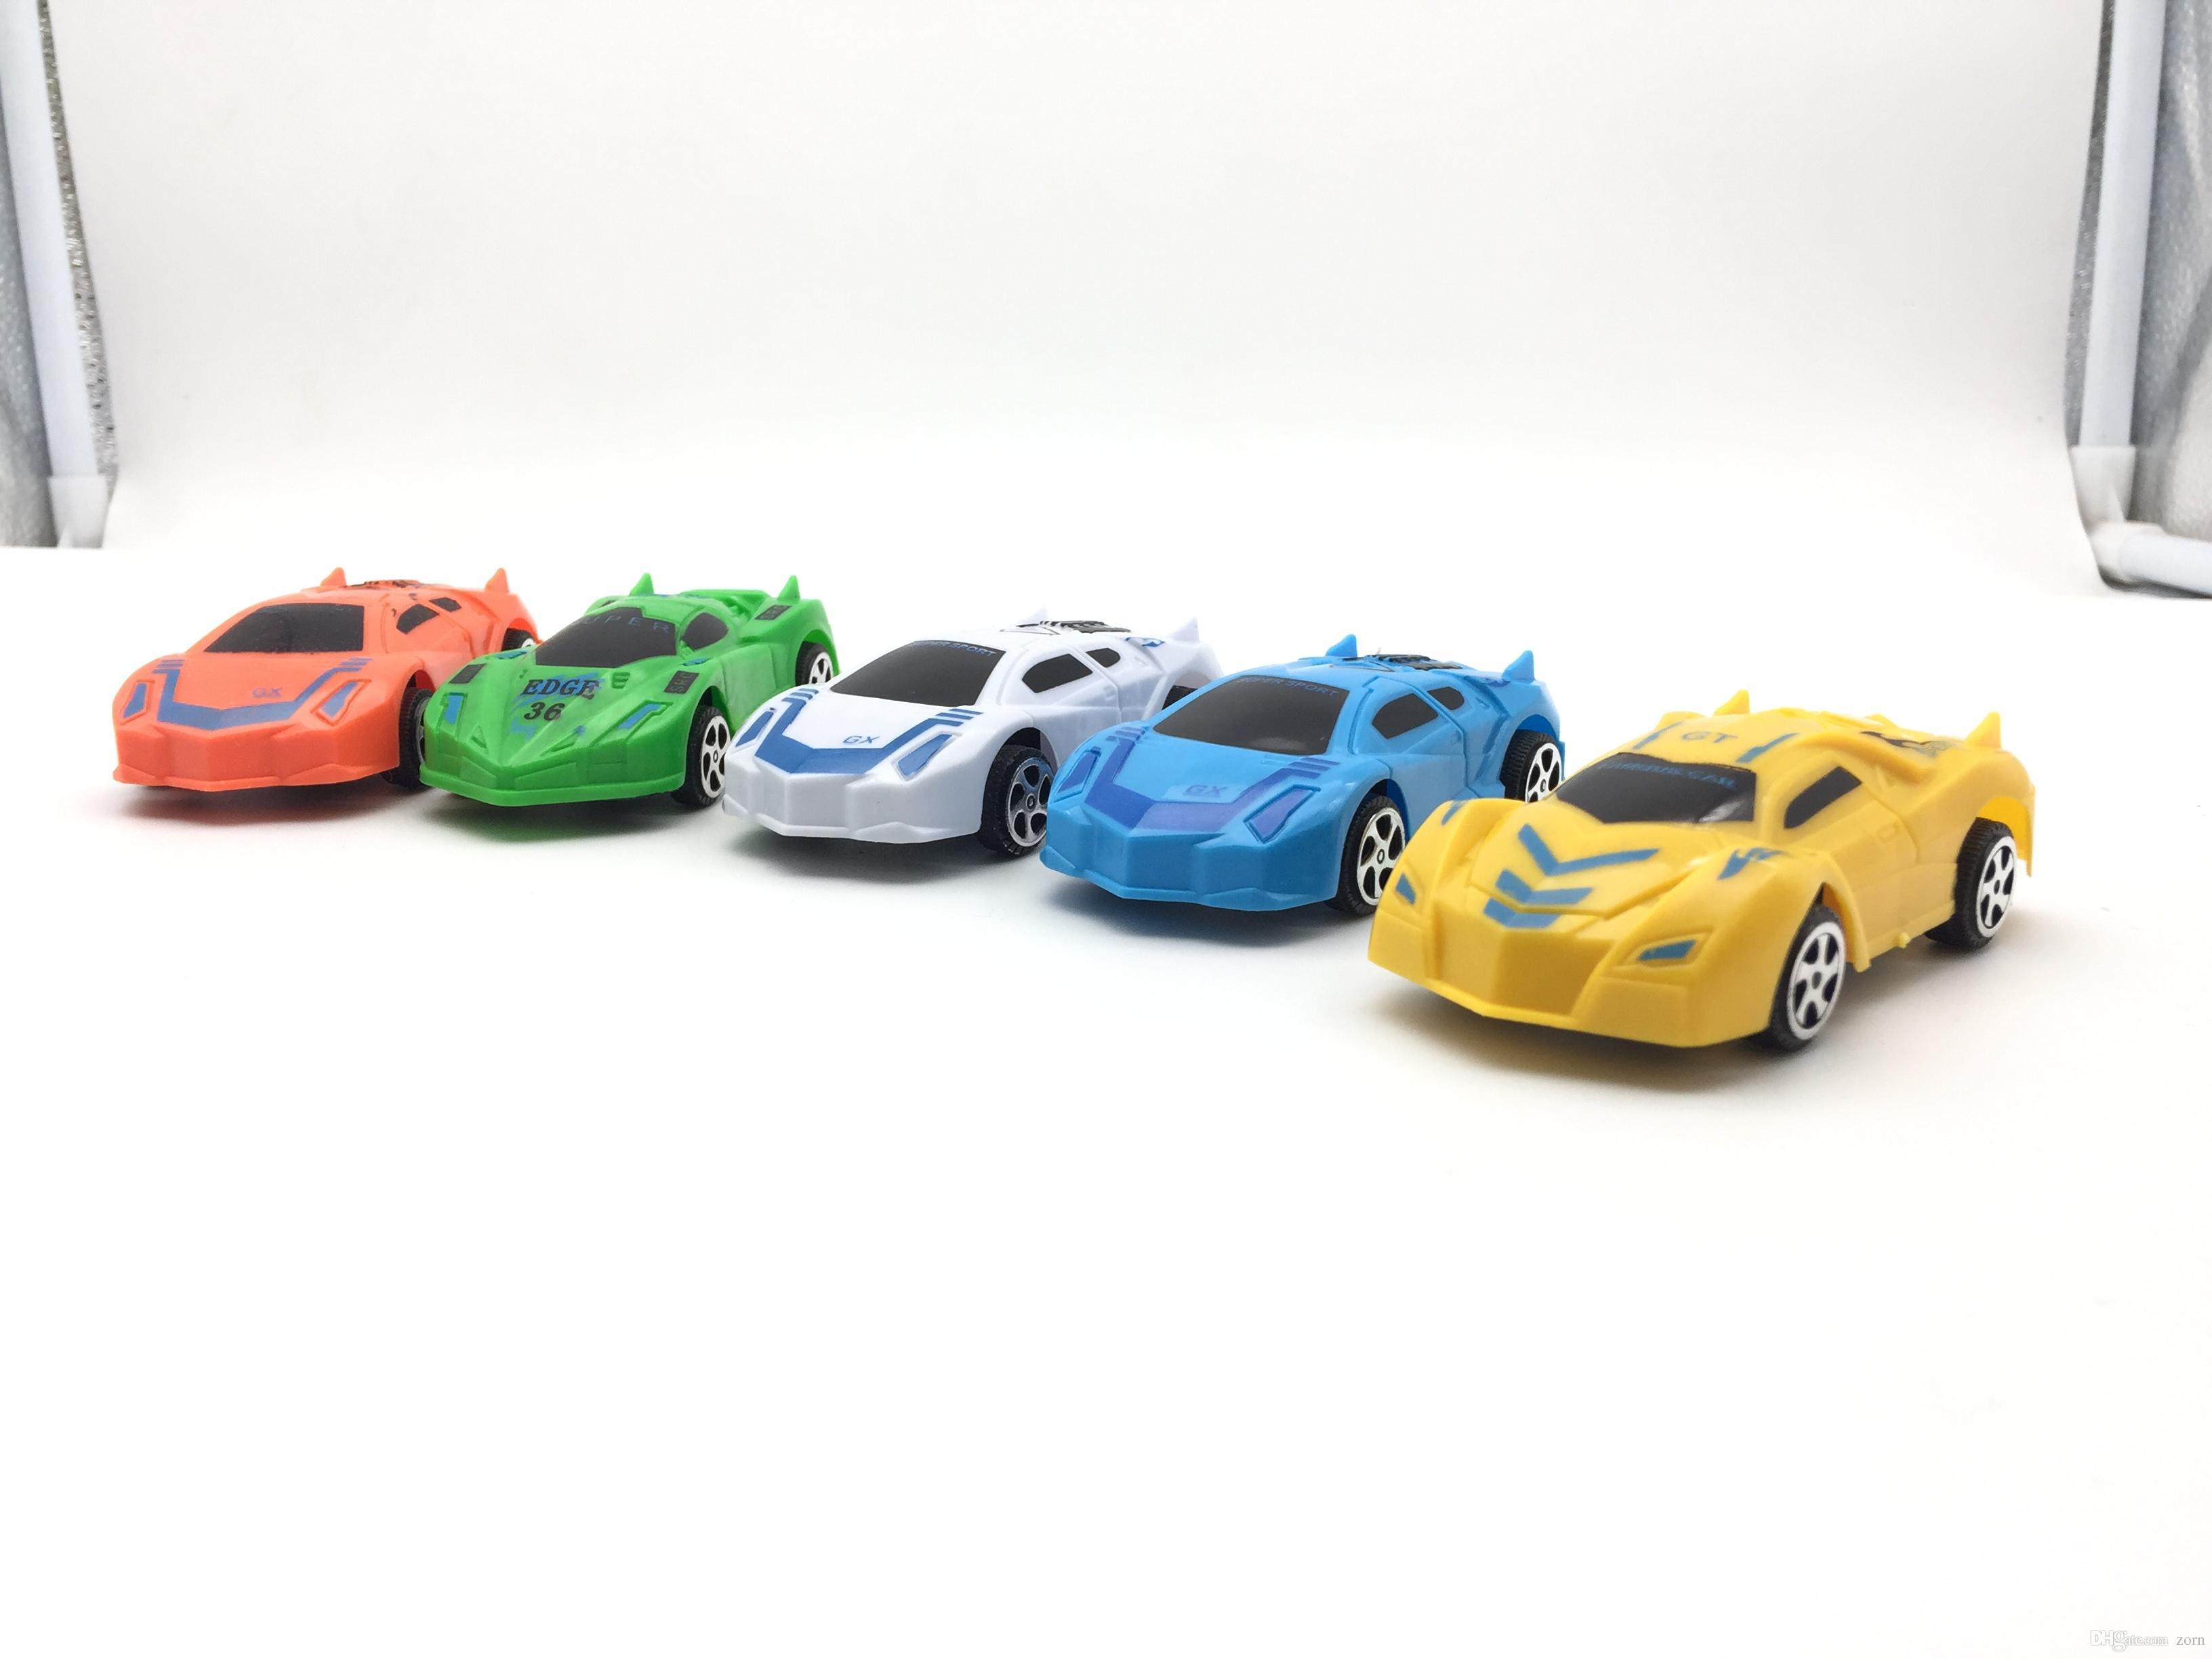 Coche De 5 Auto RetornoLamborghiniColoresEnvío Modelo Eléctrico Gratis Al CmSupercoche Por PlásticoJuguetesCoche10 Estilo ZiuTPXOk